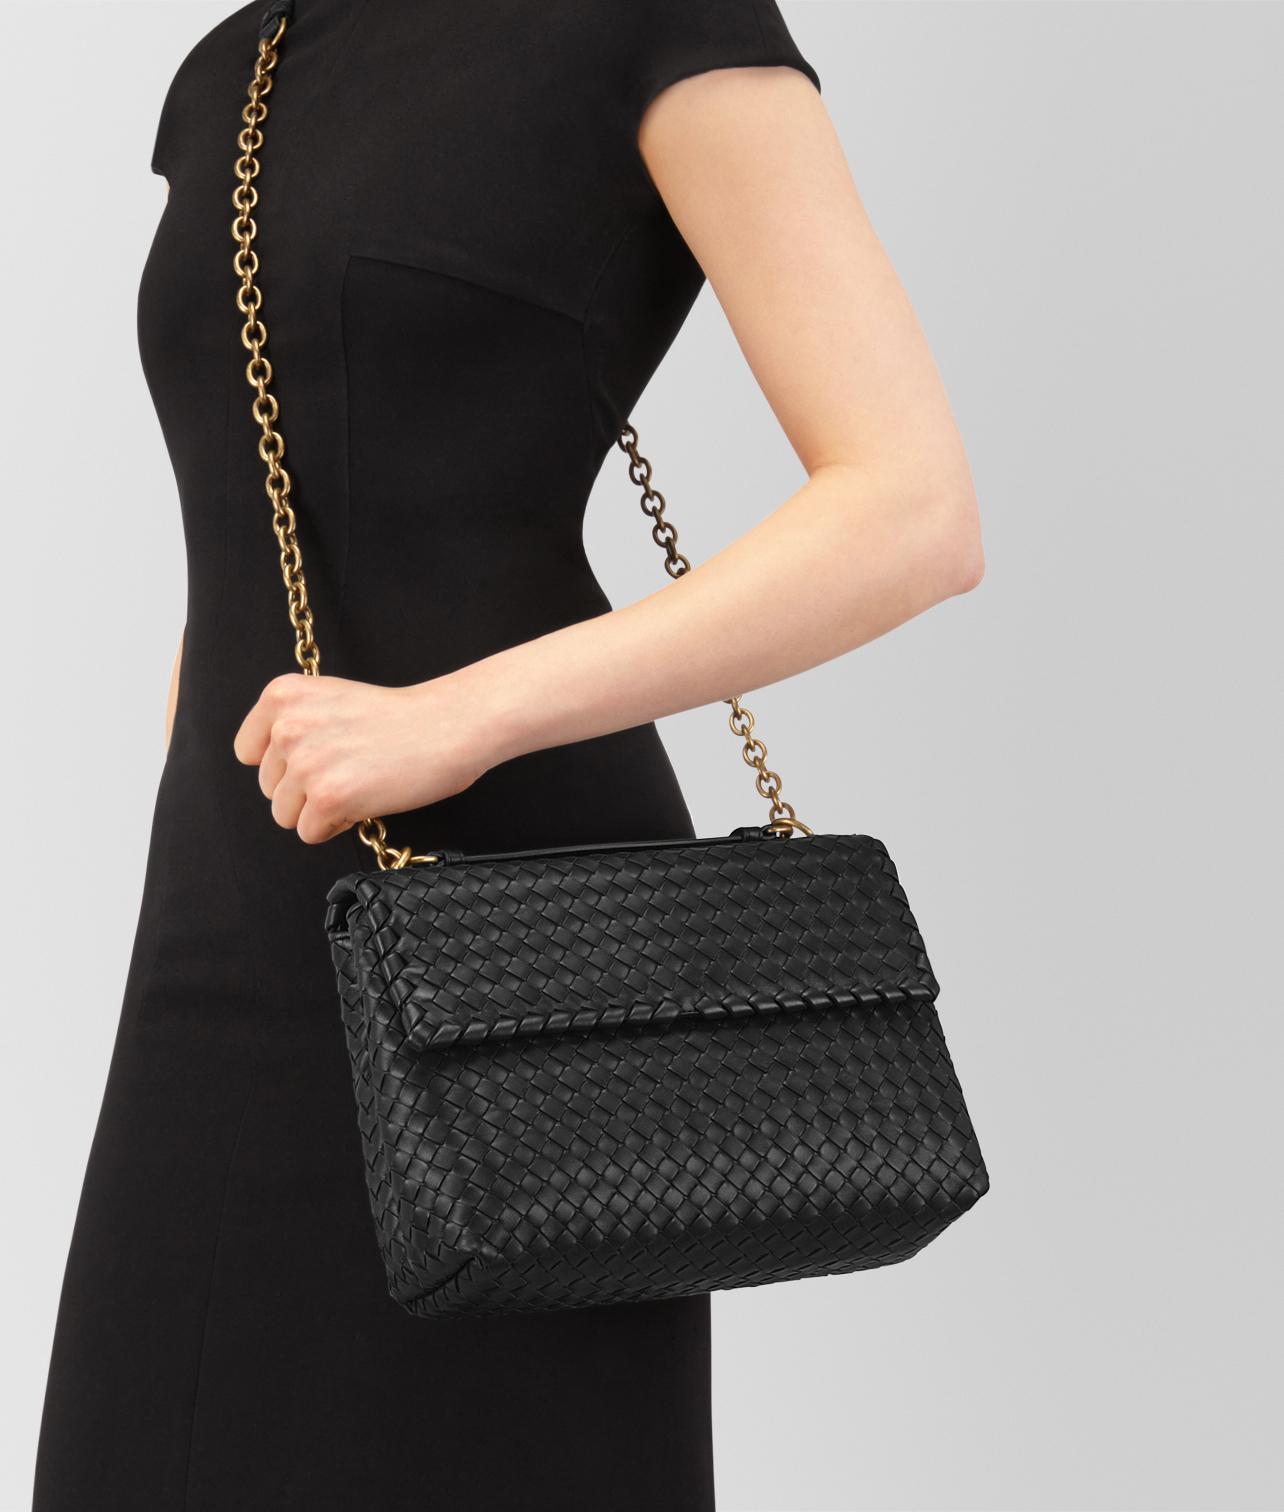 30代の女性に似合うボッテガヴェネタのレディースバッグ